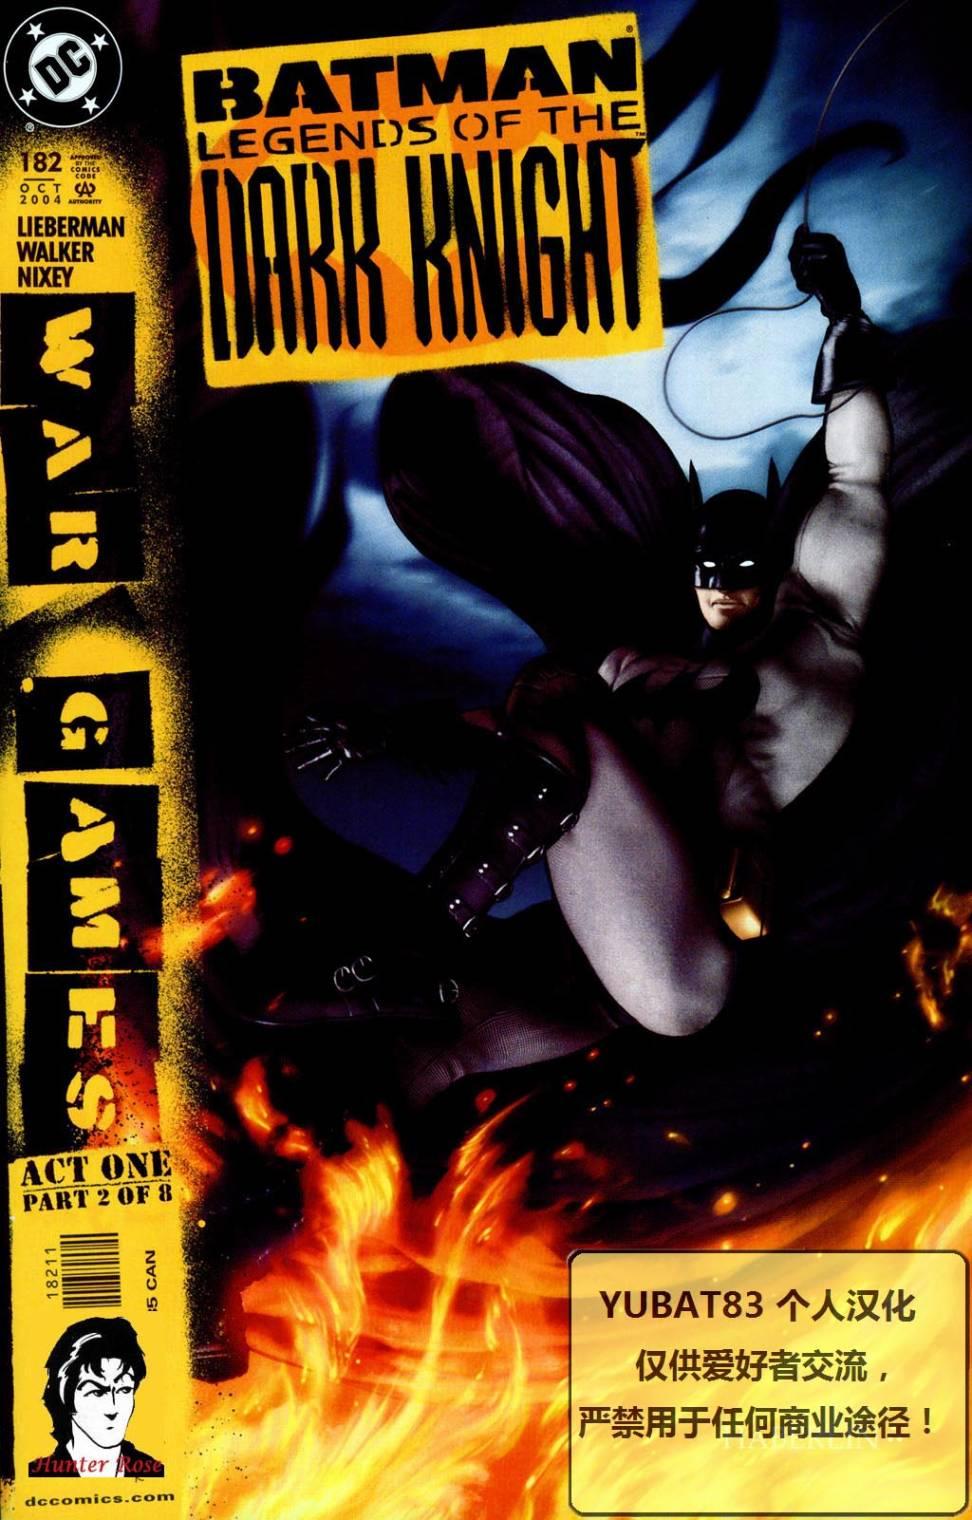 蝙蝠俠黑暗騎士傳說:日落漫畫蝙蝠俠黑暗騎士傳說:日落182話(第1頁)劇情-二次元動漫